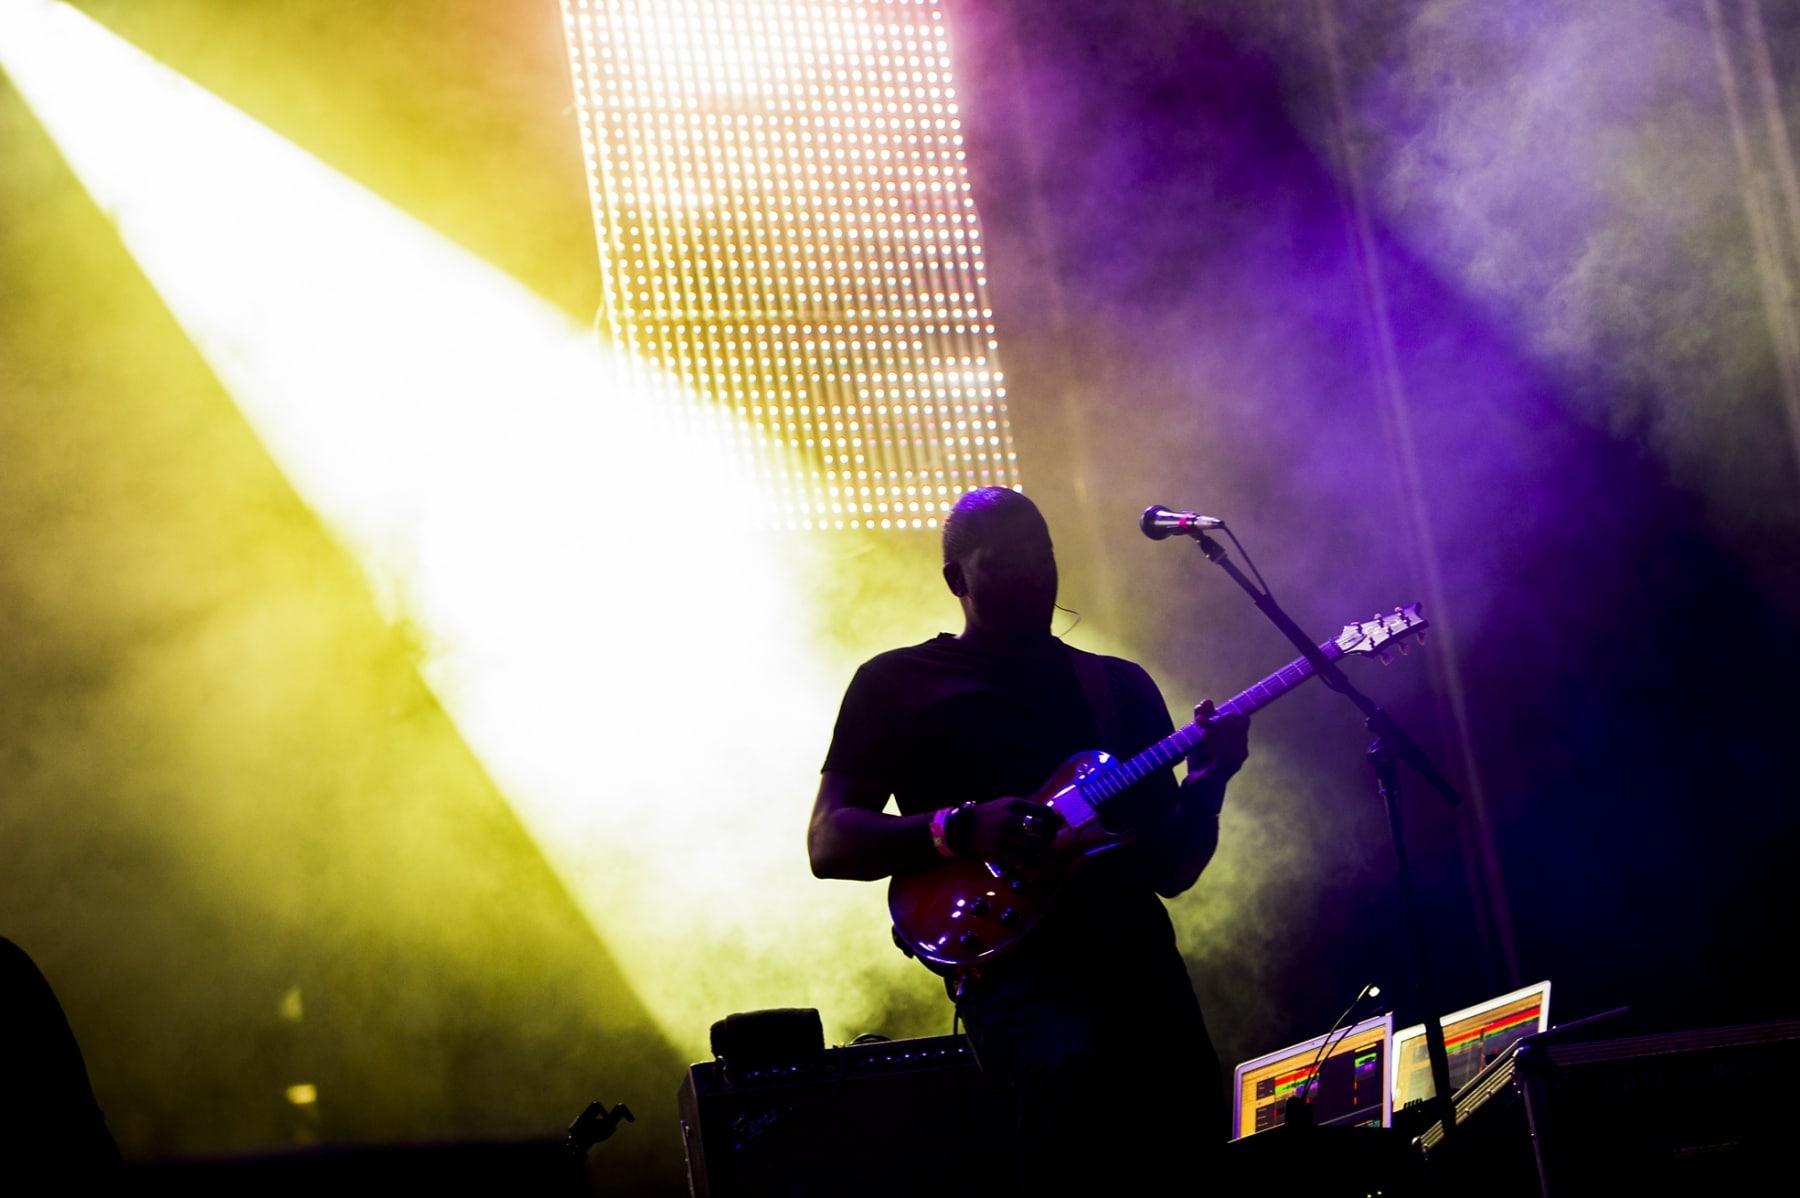 gibraltar-music-festival-2013-emili-sande_9699782507_o